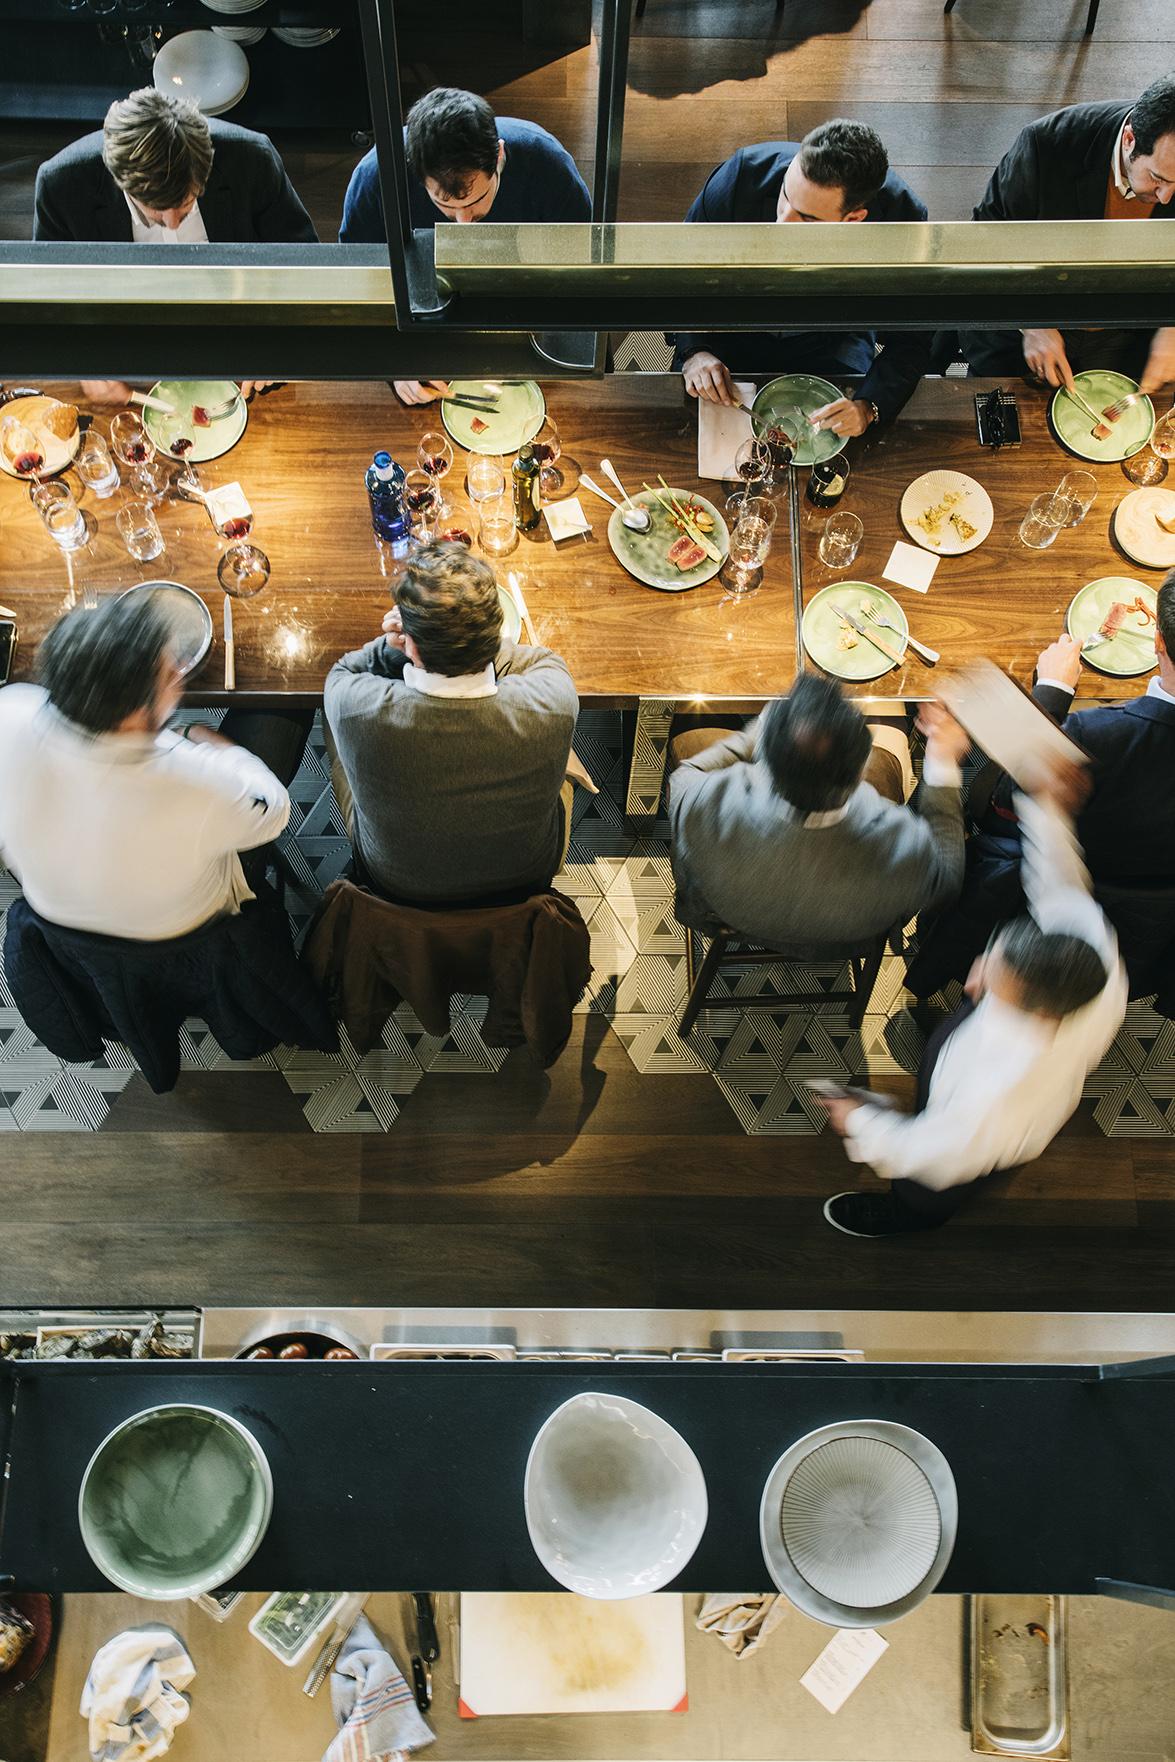 restaurante_terre_grupo_murri_tarruella_trenchs_studio__foto_salva_lopez_11